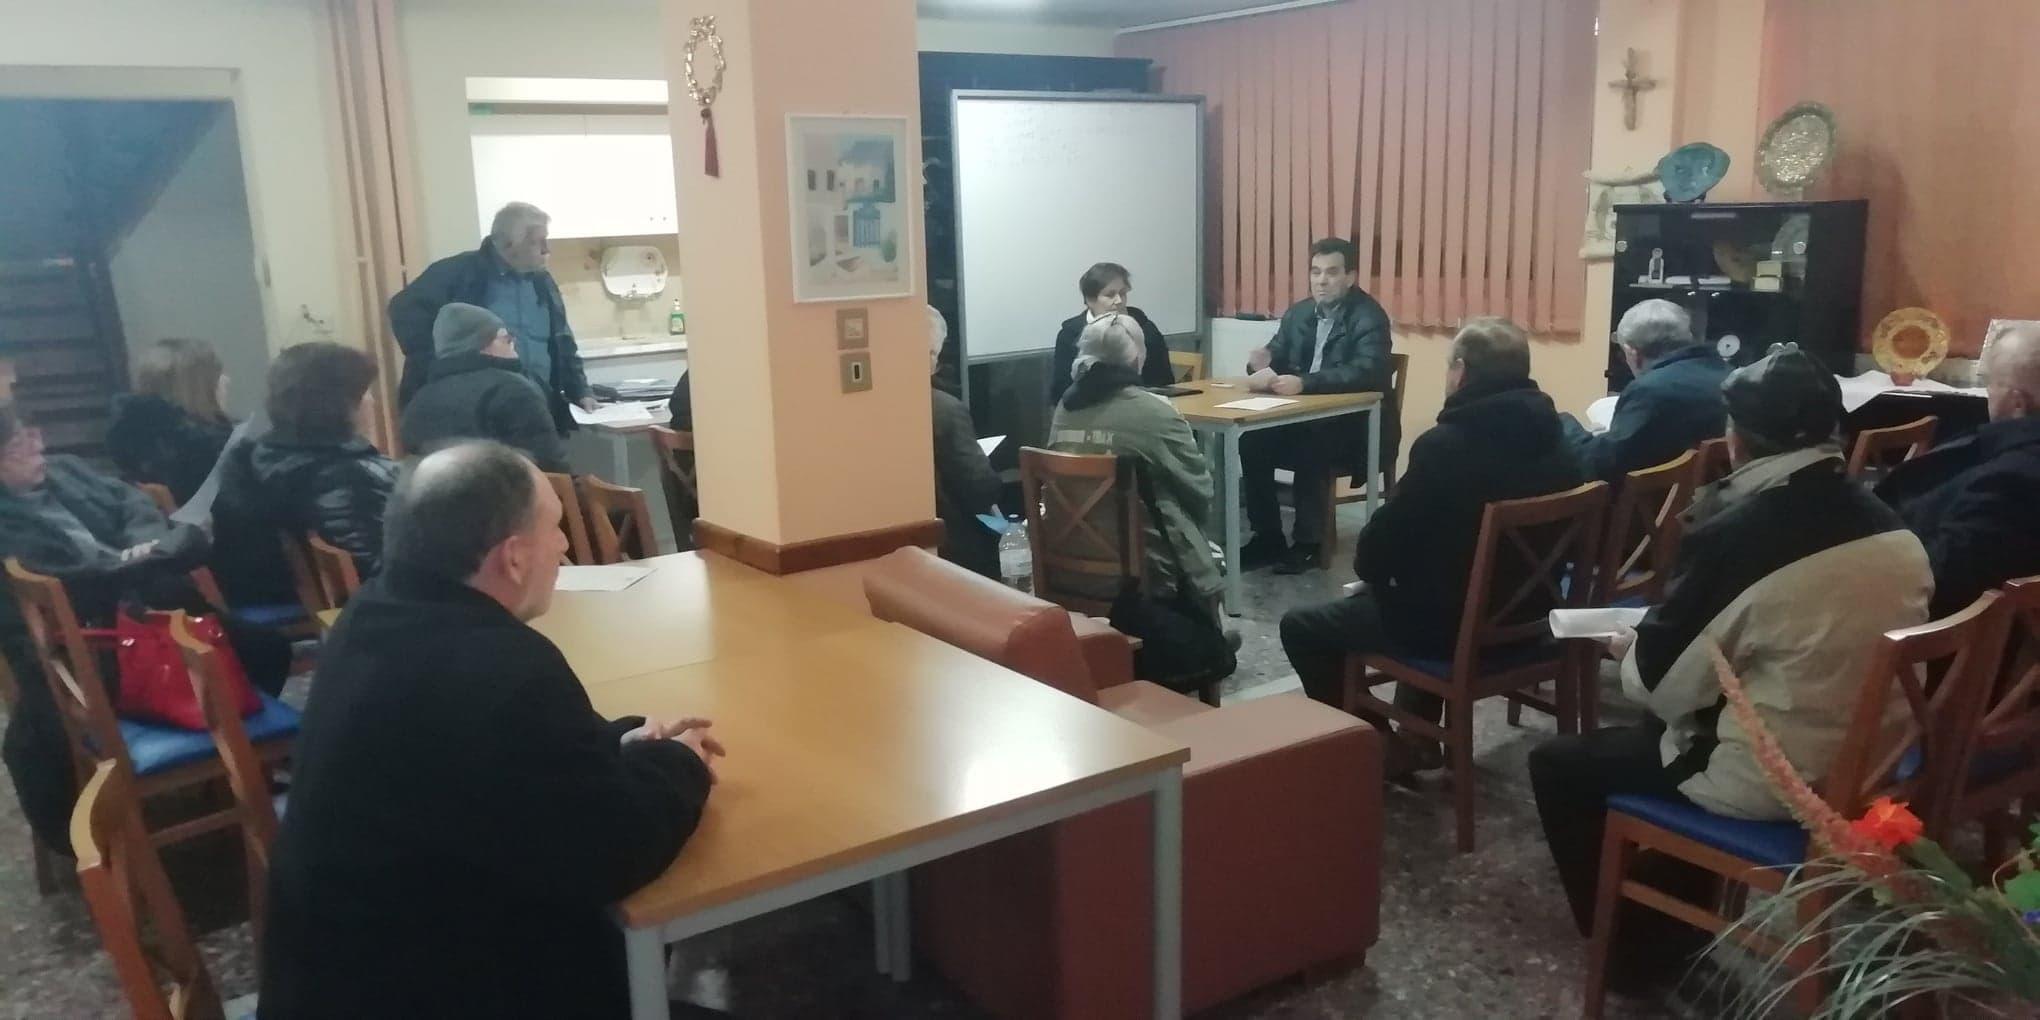 Σύσκεψη για το Ασφαλιστικό έγινε στη Βέροια